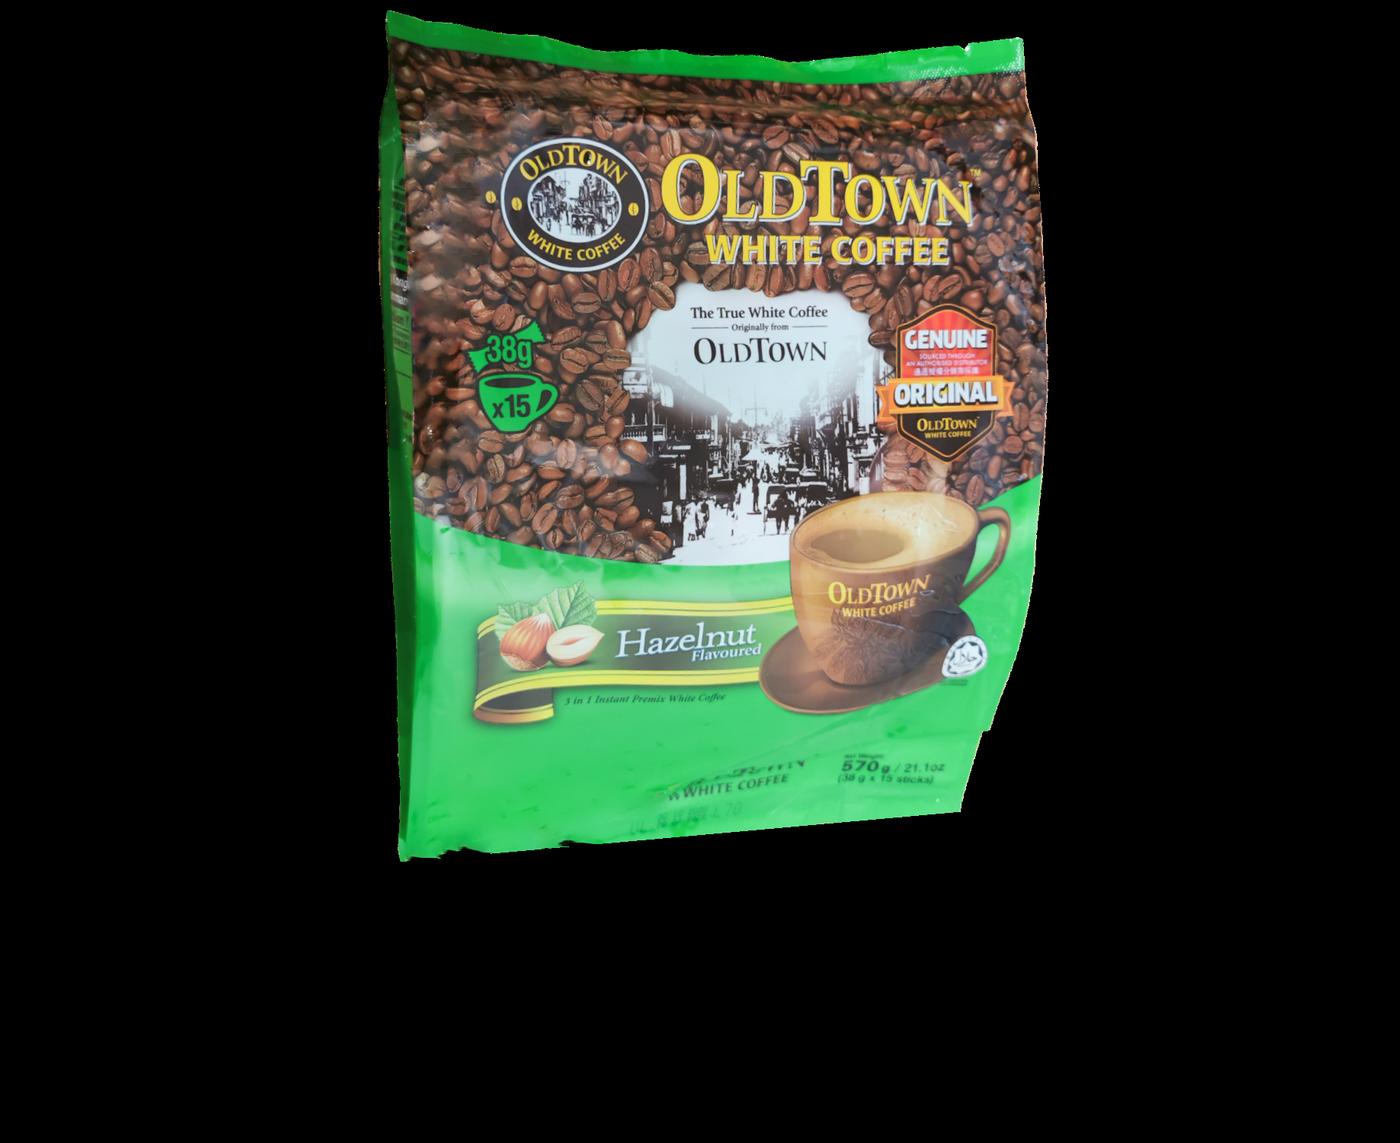 OldTown White Coffee (Hazelnut Flavoured)